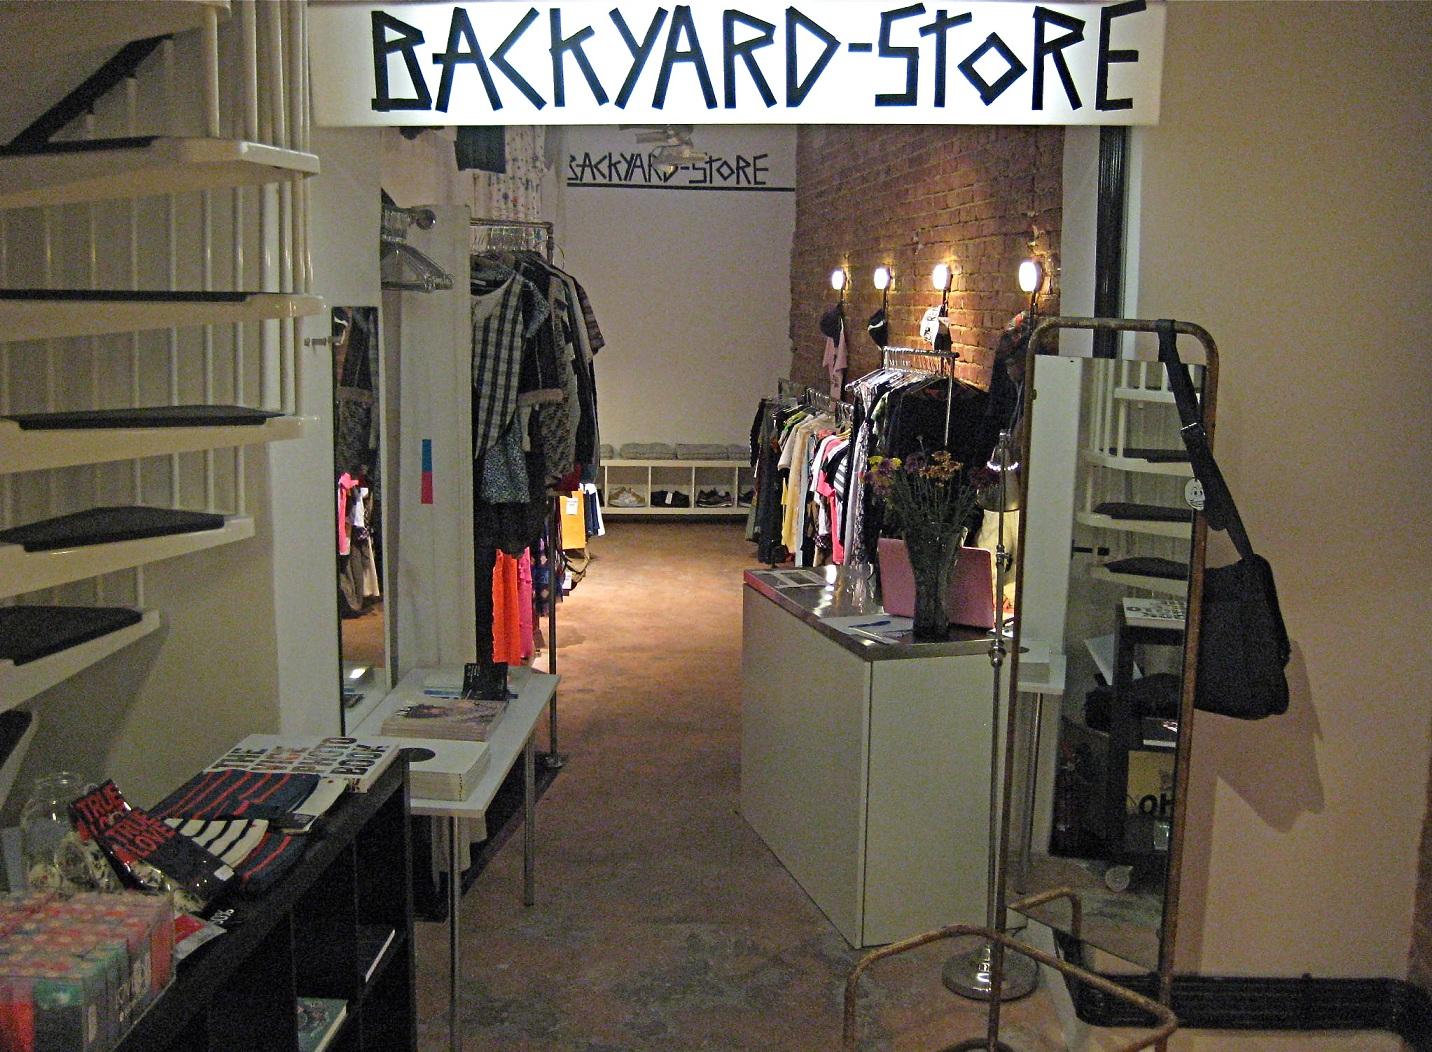 Backyard-Store